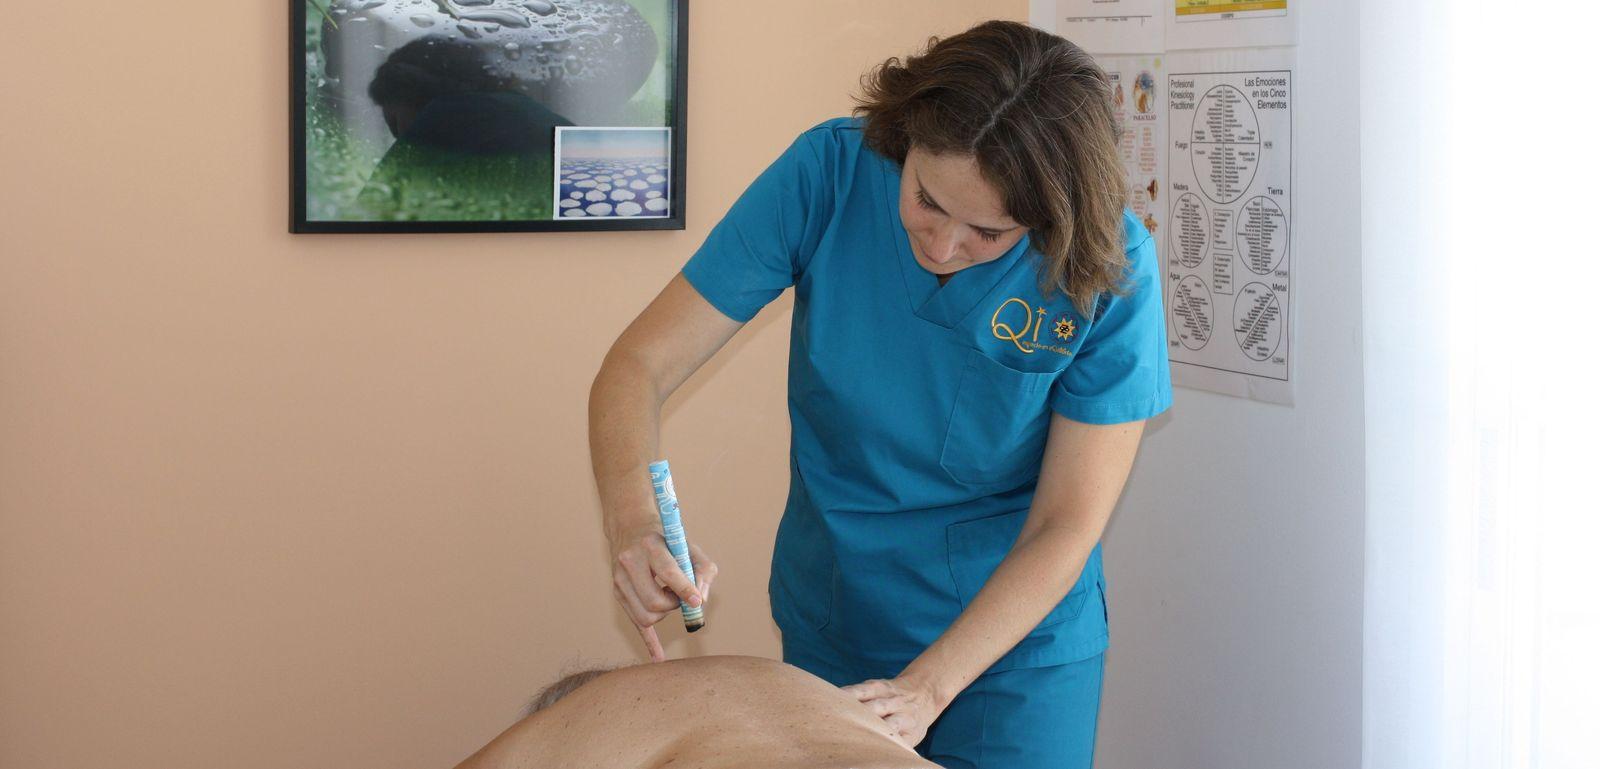 Terapia Ocupacional, Psicología Clínica, terapias holísticas, osteopatía, psicología clínica, fisioterapia, Instituto de Técnicas Holísticas en Majadahonda